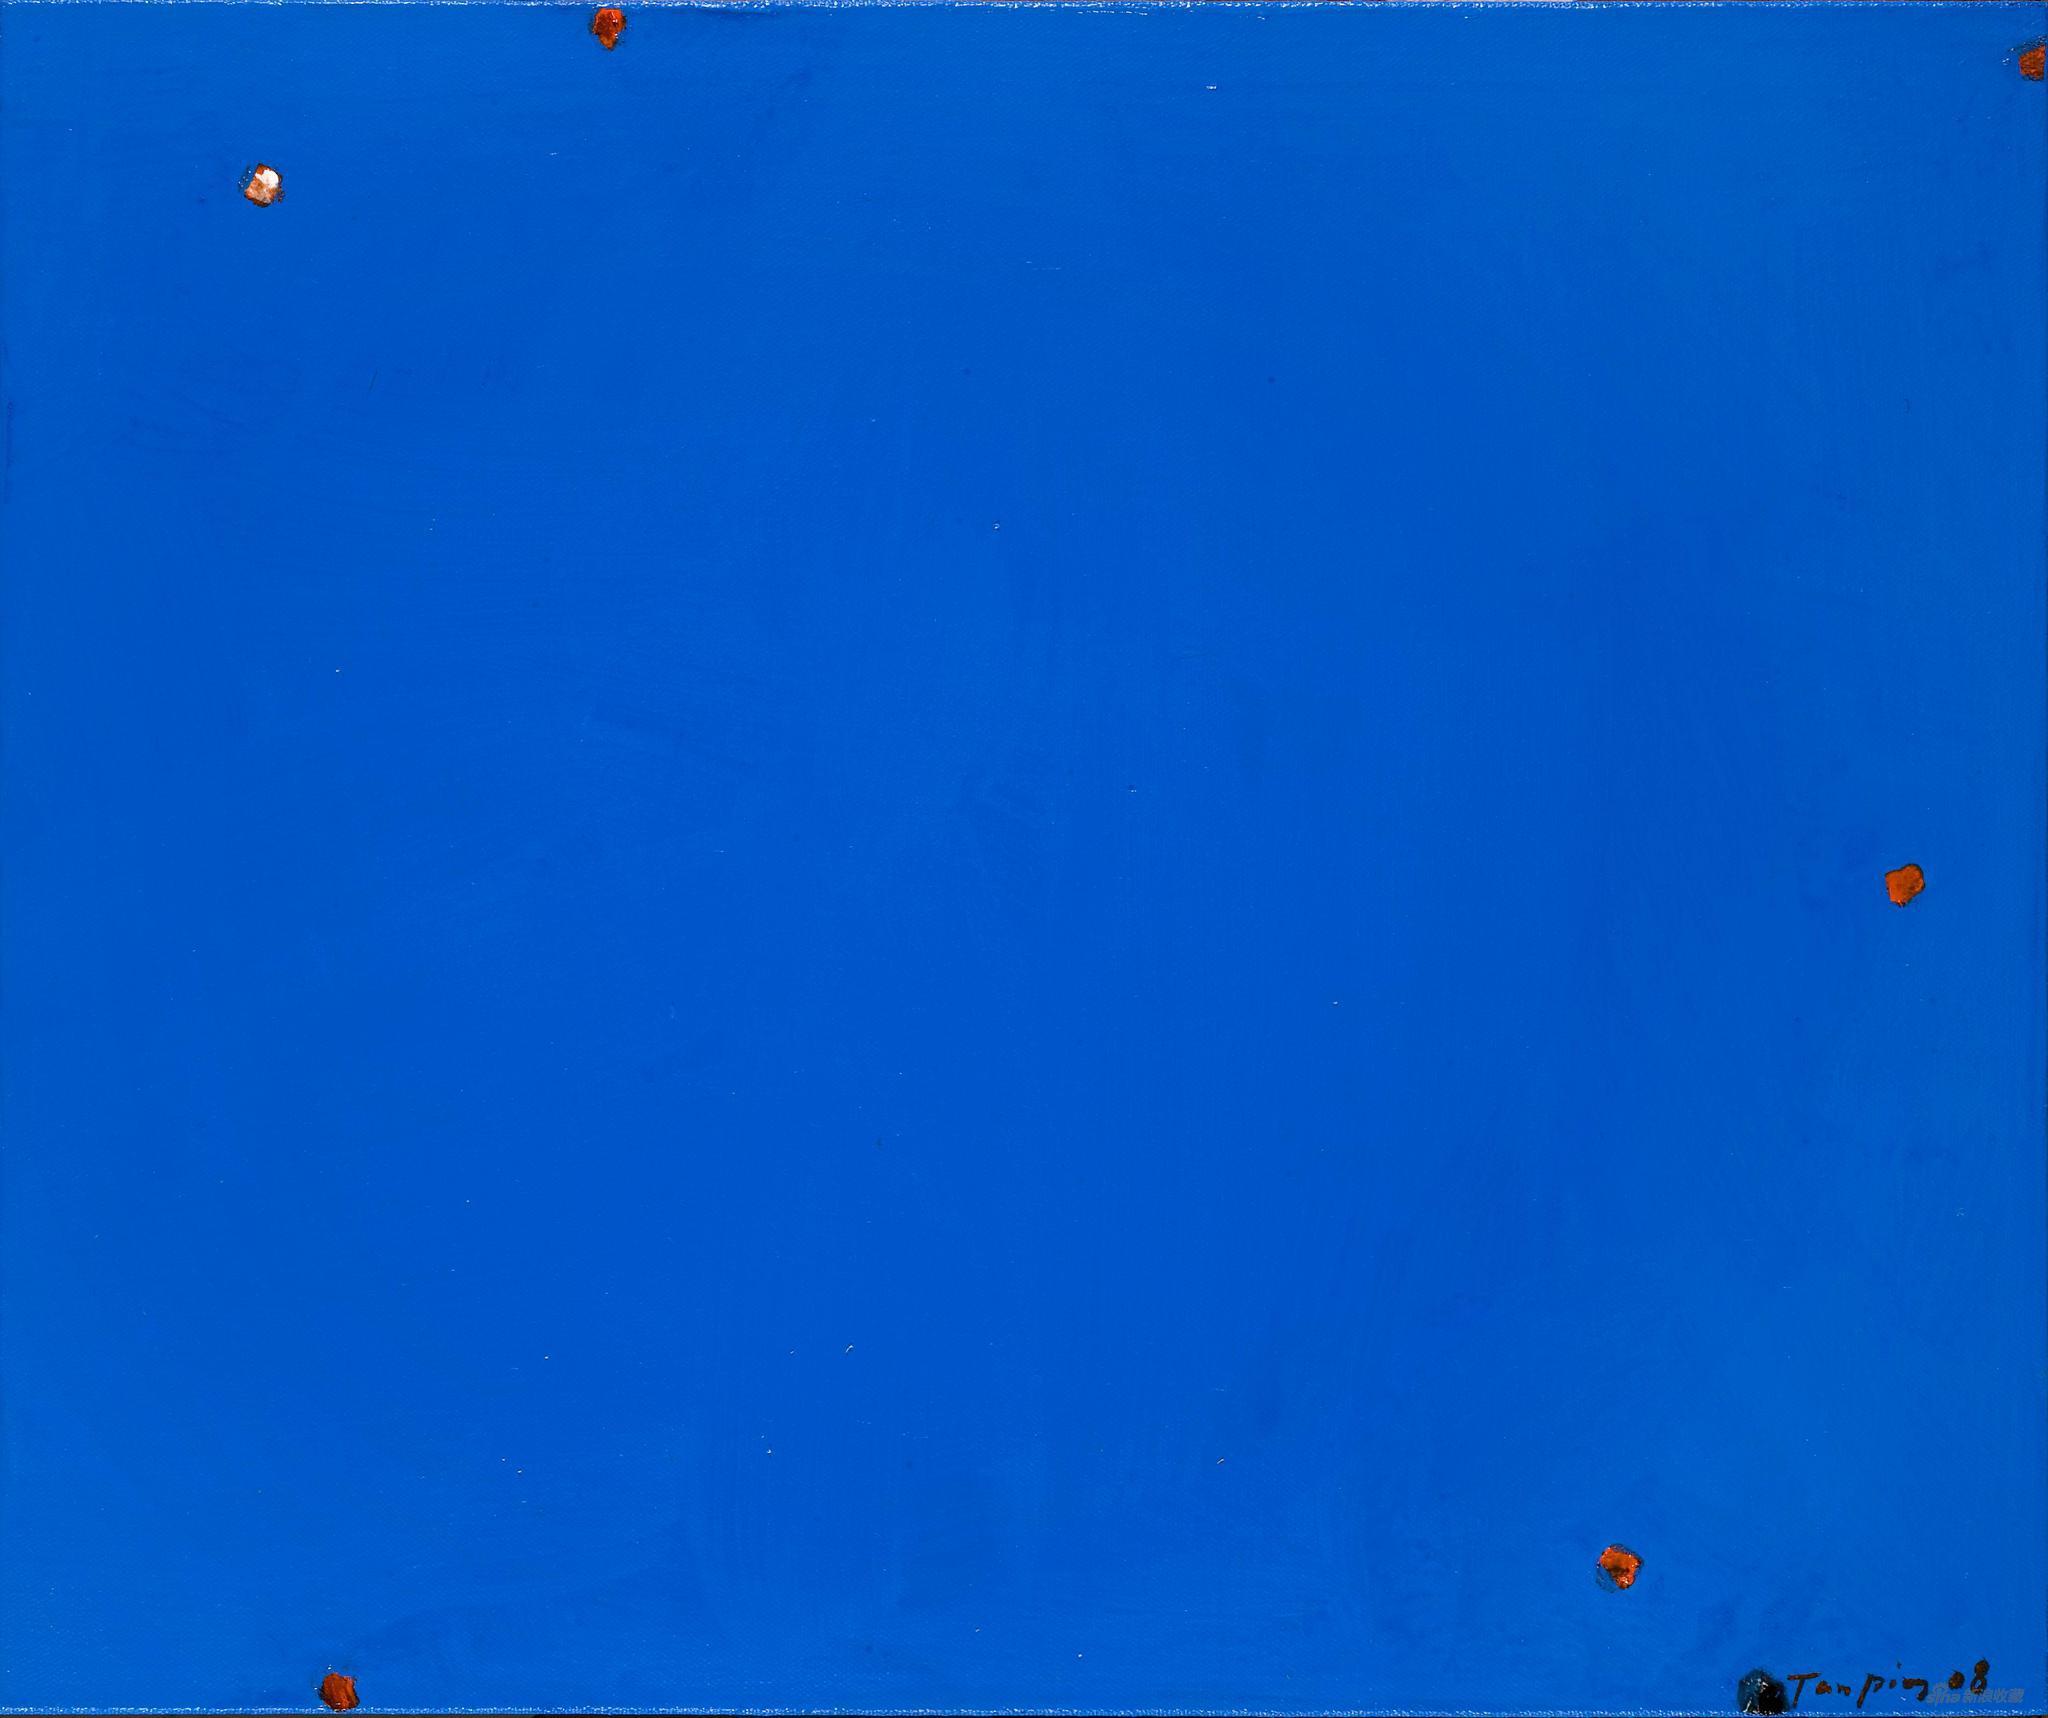 《感性的位置》,布面丙烯,40 x 50 cm,2008